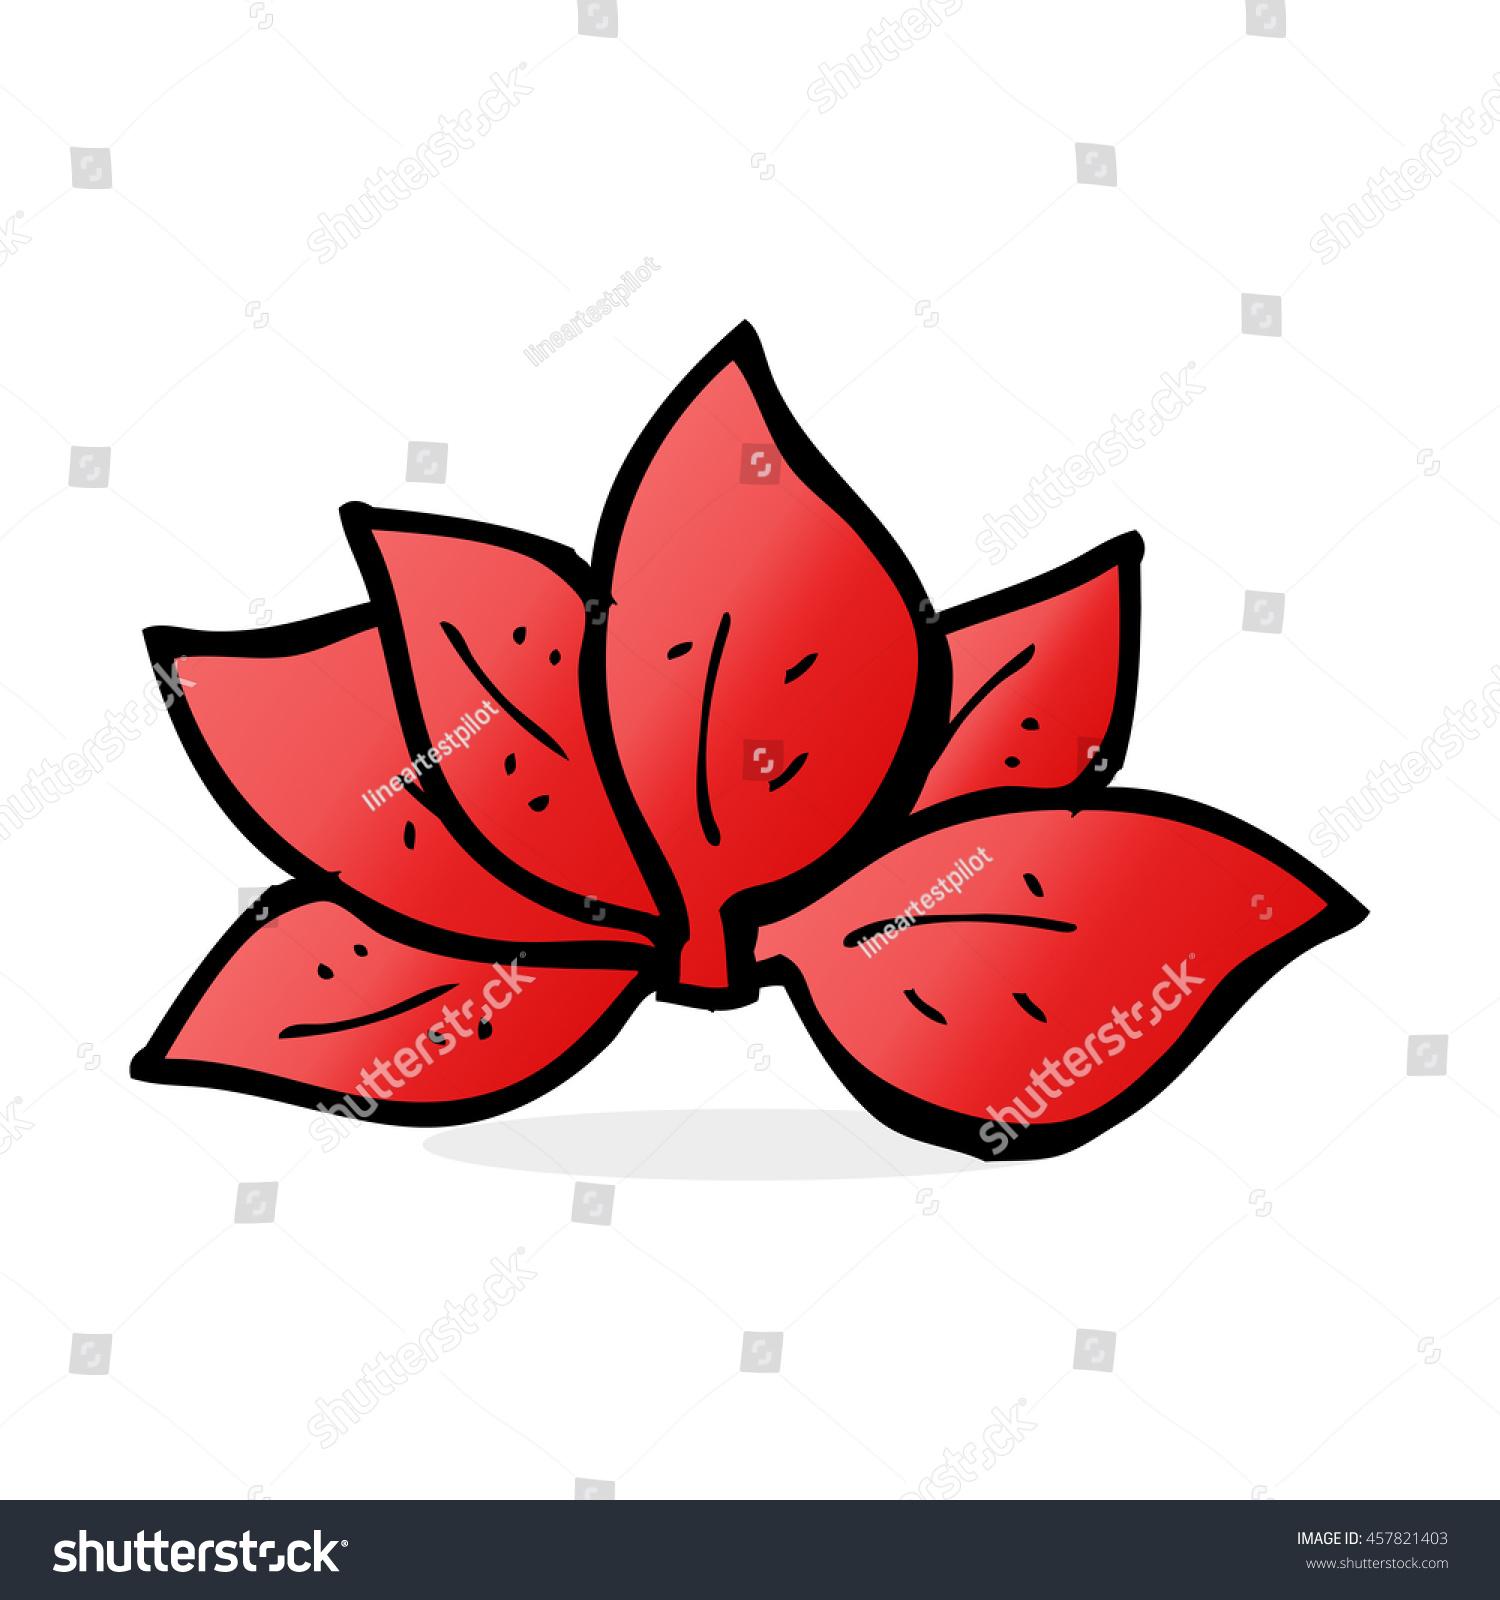 cartoon leaves symbol stock illustration 457821403 shutterstock